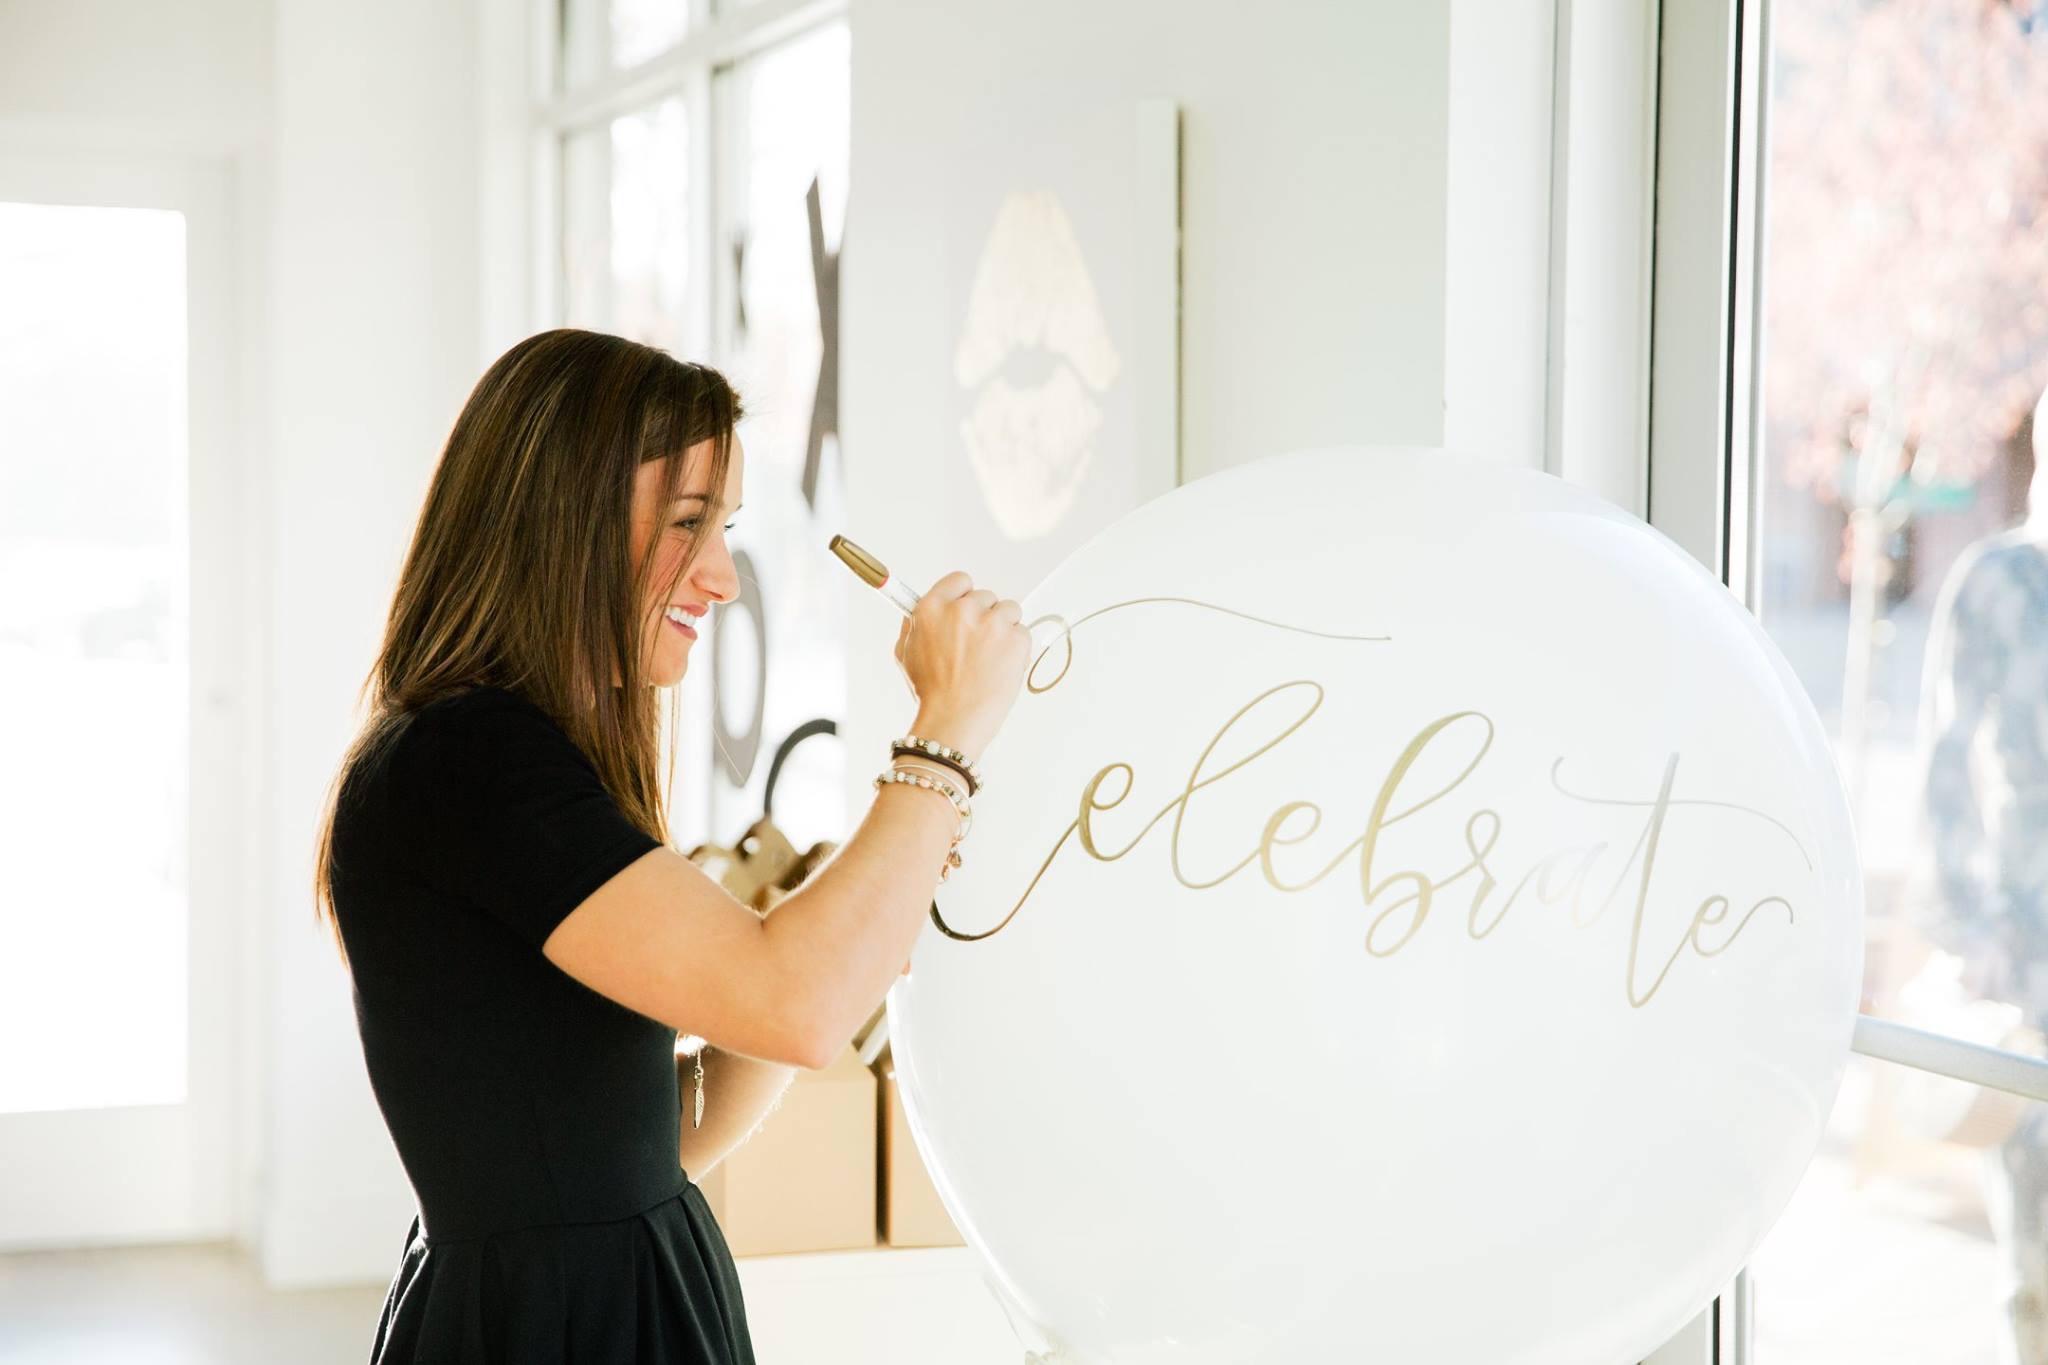 Engaged-Asheville-Joy-Unscripted-Wedding-Calligrapher-Anastasiia-Photography-19.JPG